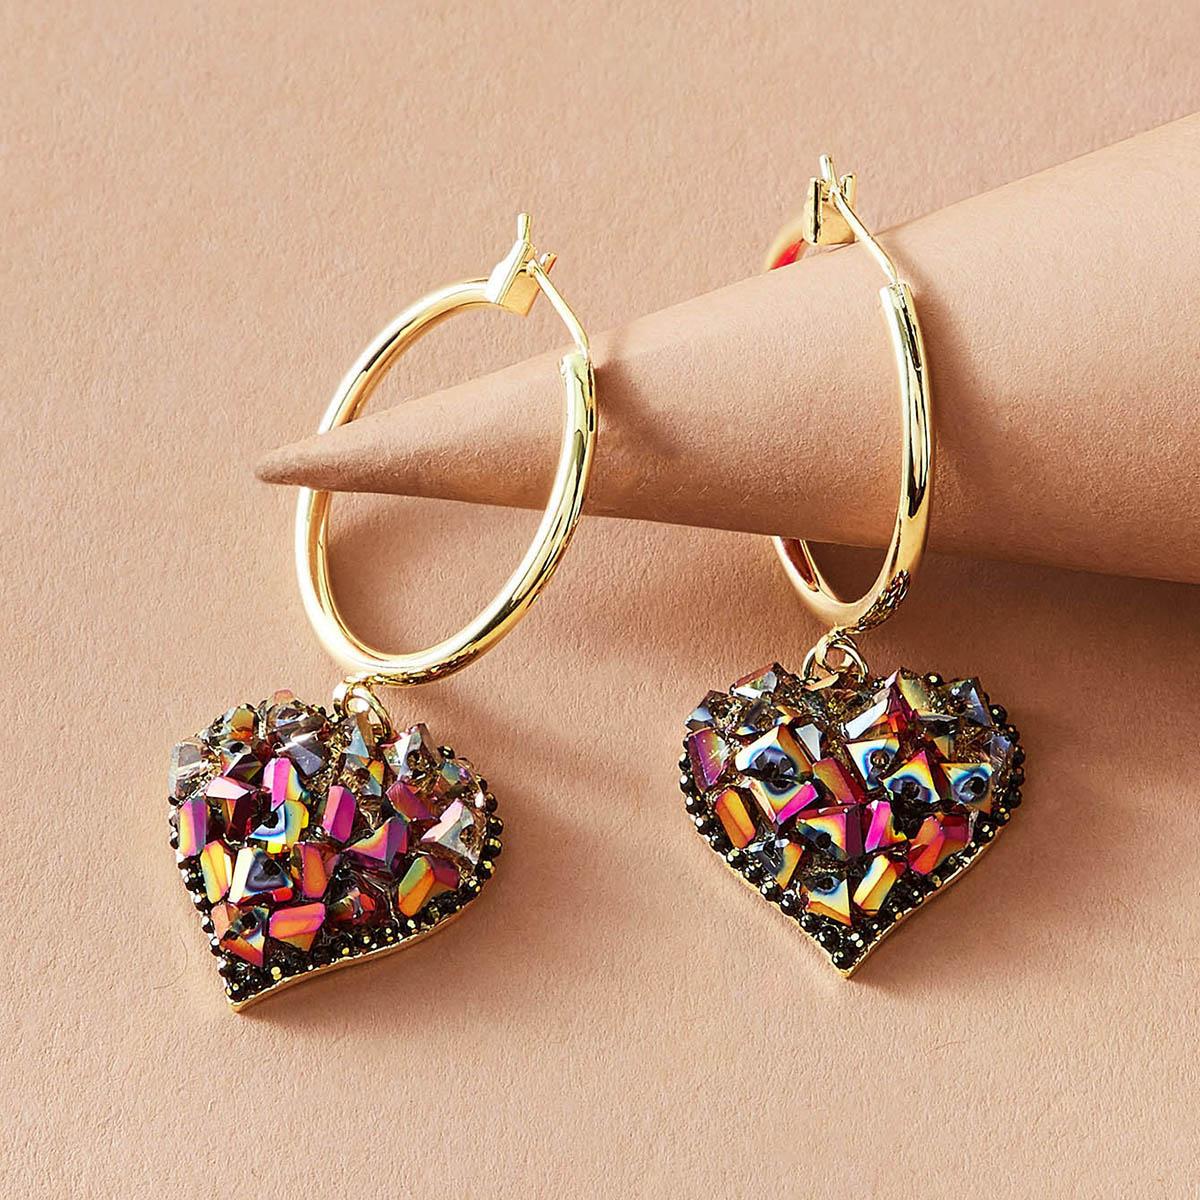 1 Paar runde Dekor-Herz-Tropfen-Ohrringe